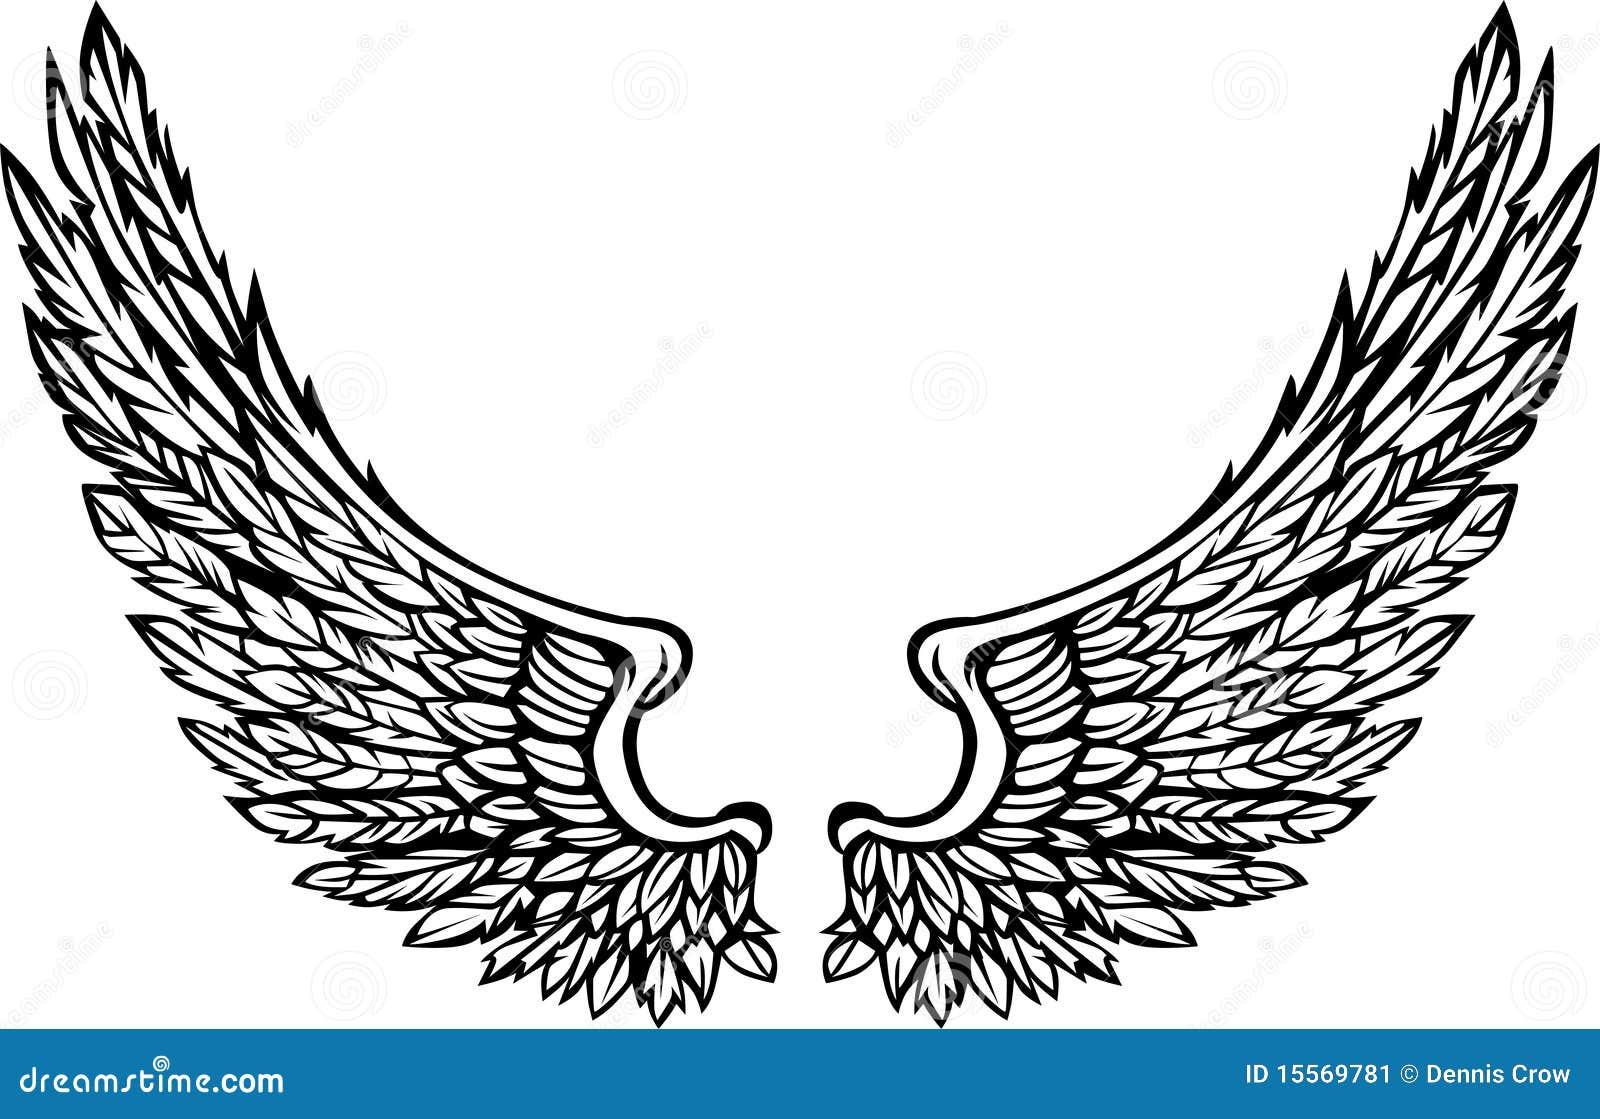 las alas adornadas vector imagen ilustraci243n del vector